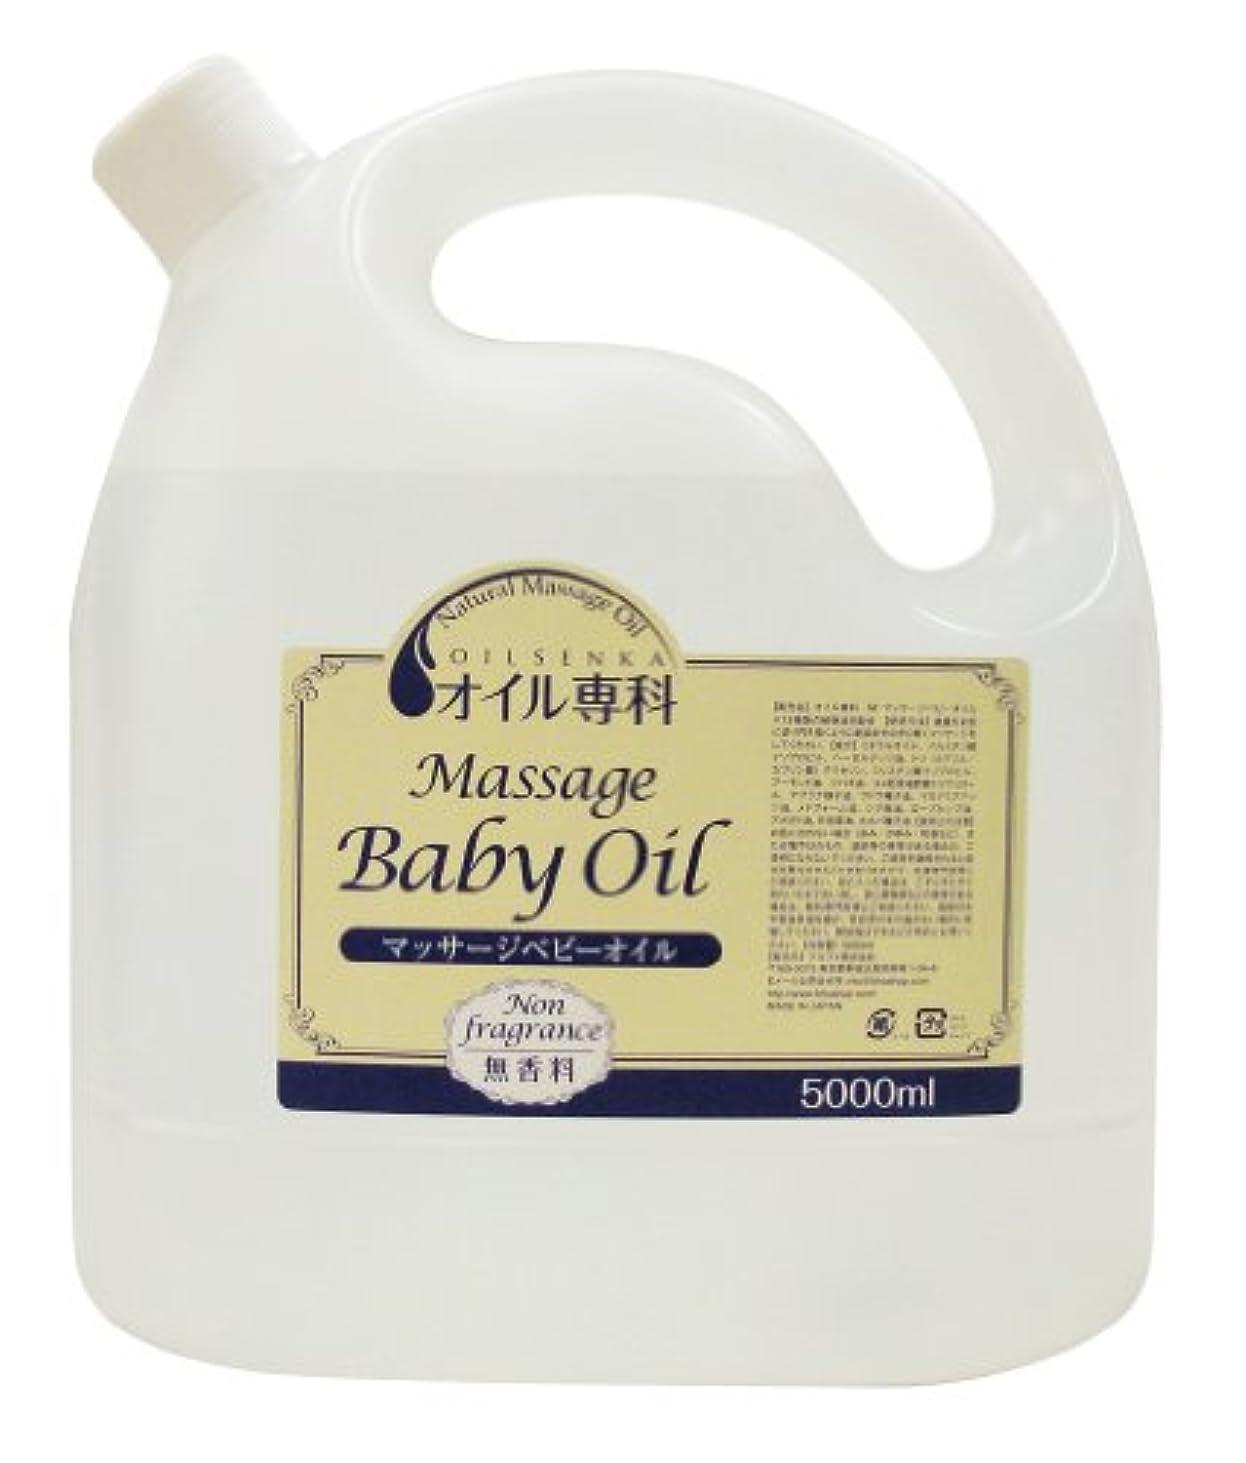 毎月水分美徳【業務用ベースオイル(無香料)】13種類植物油配合<オイル専科>マッサージベビーオイル5L(5000ml)